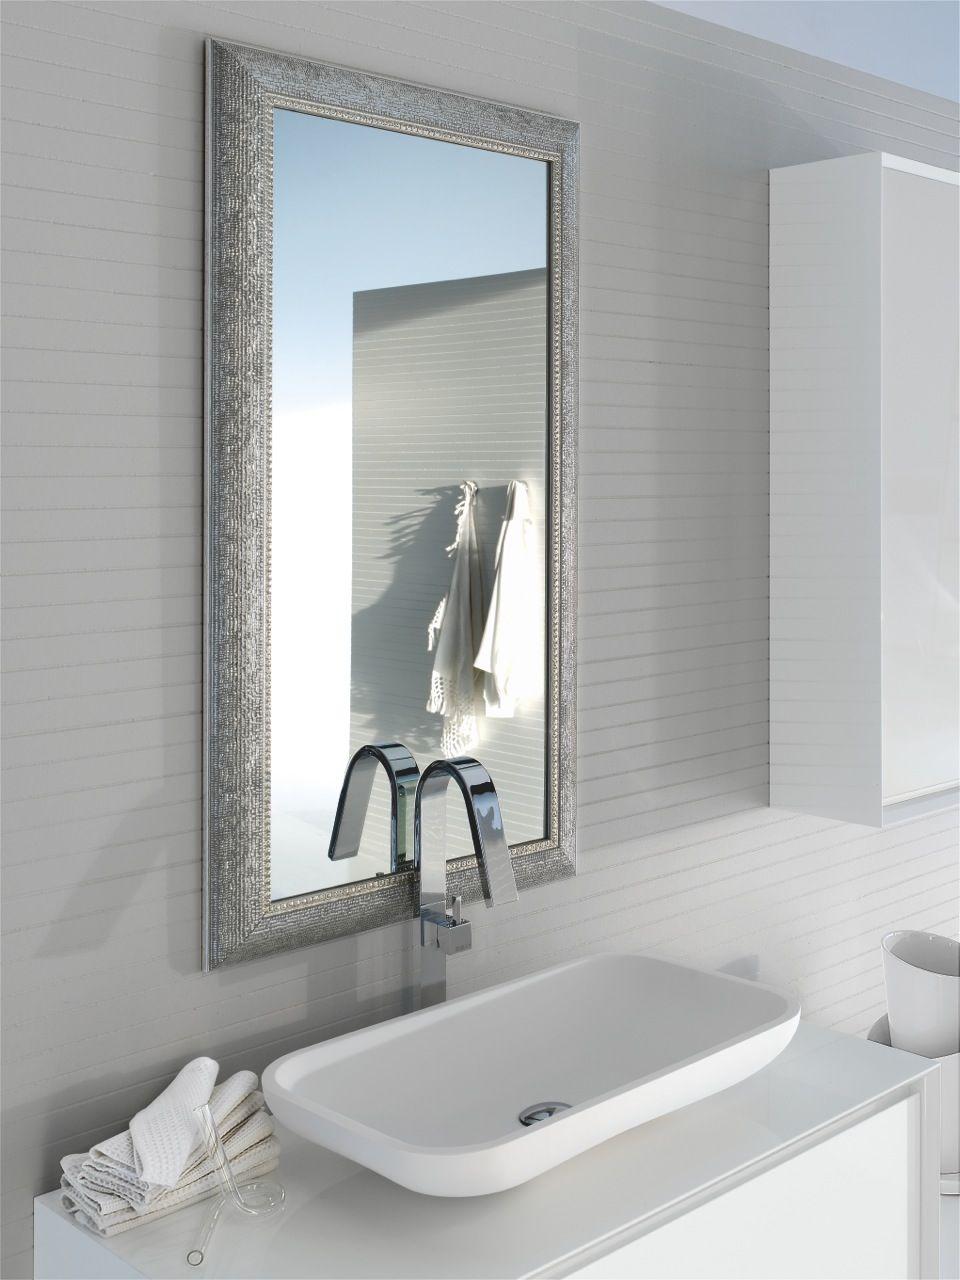 Miroir Pour Salle De Bain Vertical Avec Cadre Finition Feuille D